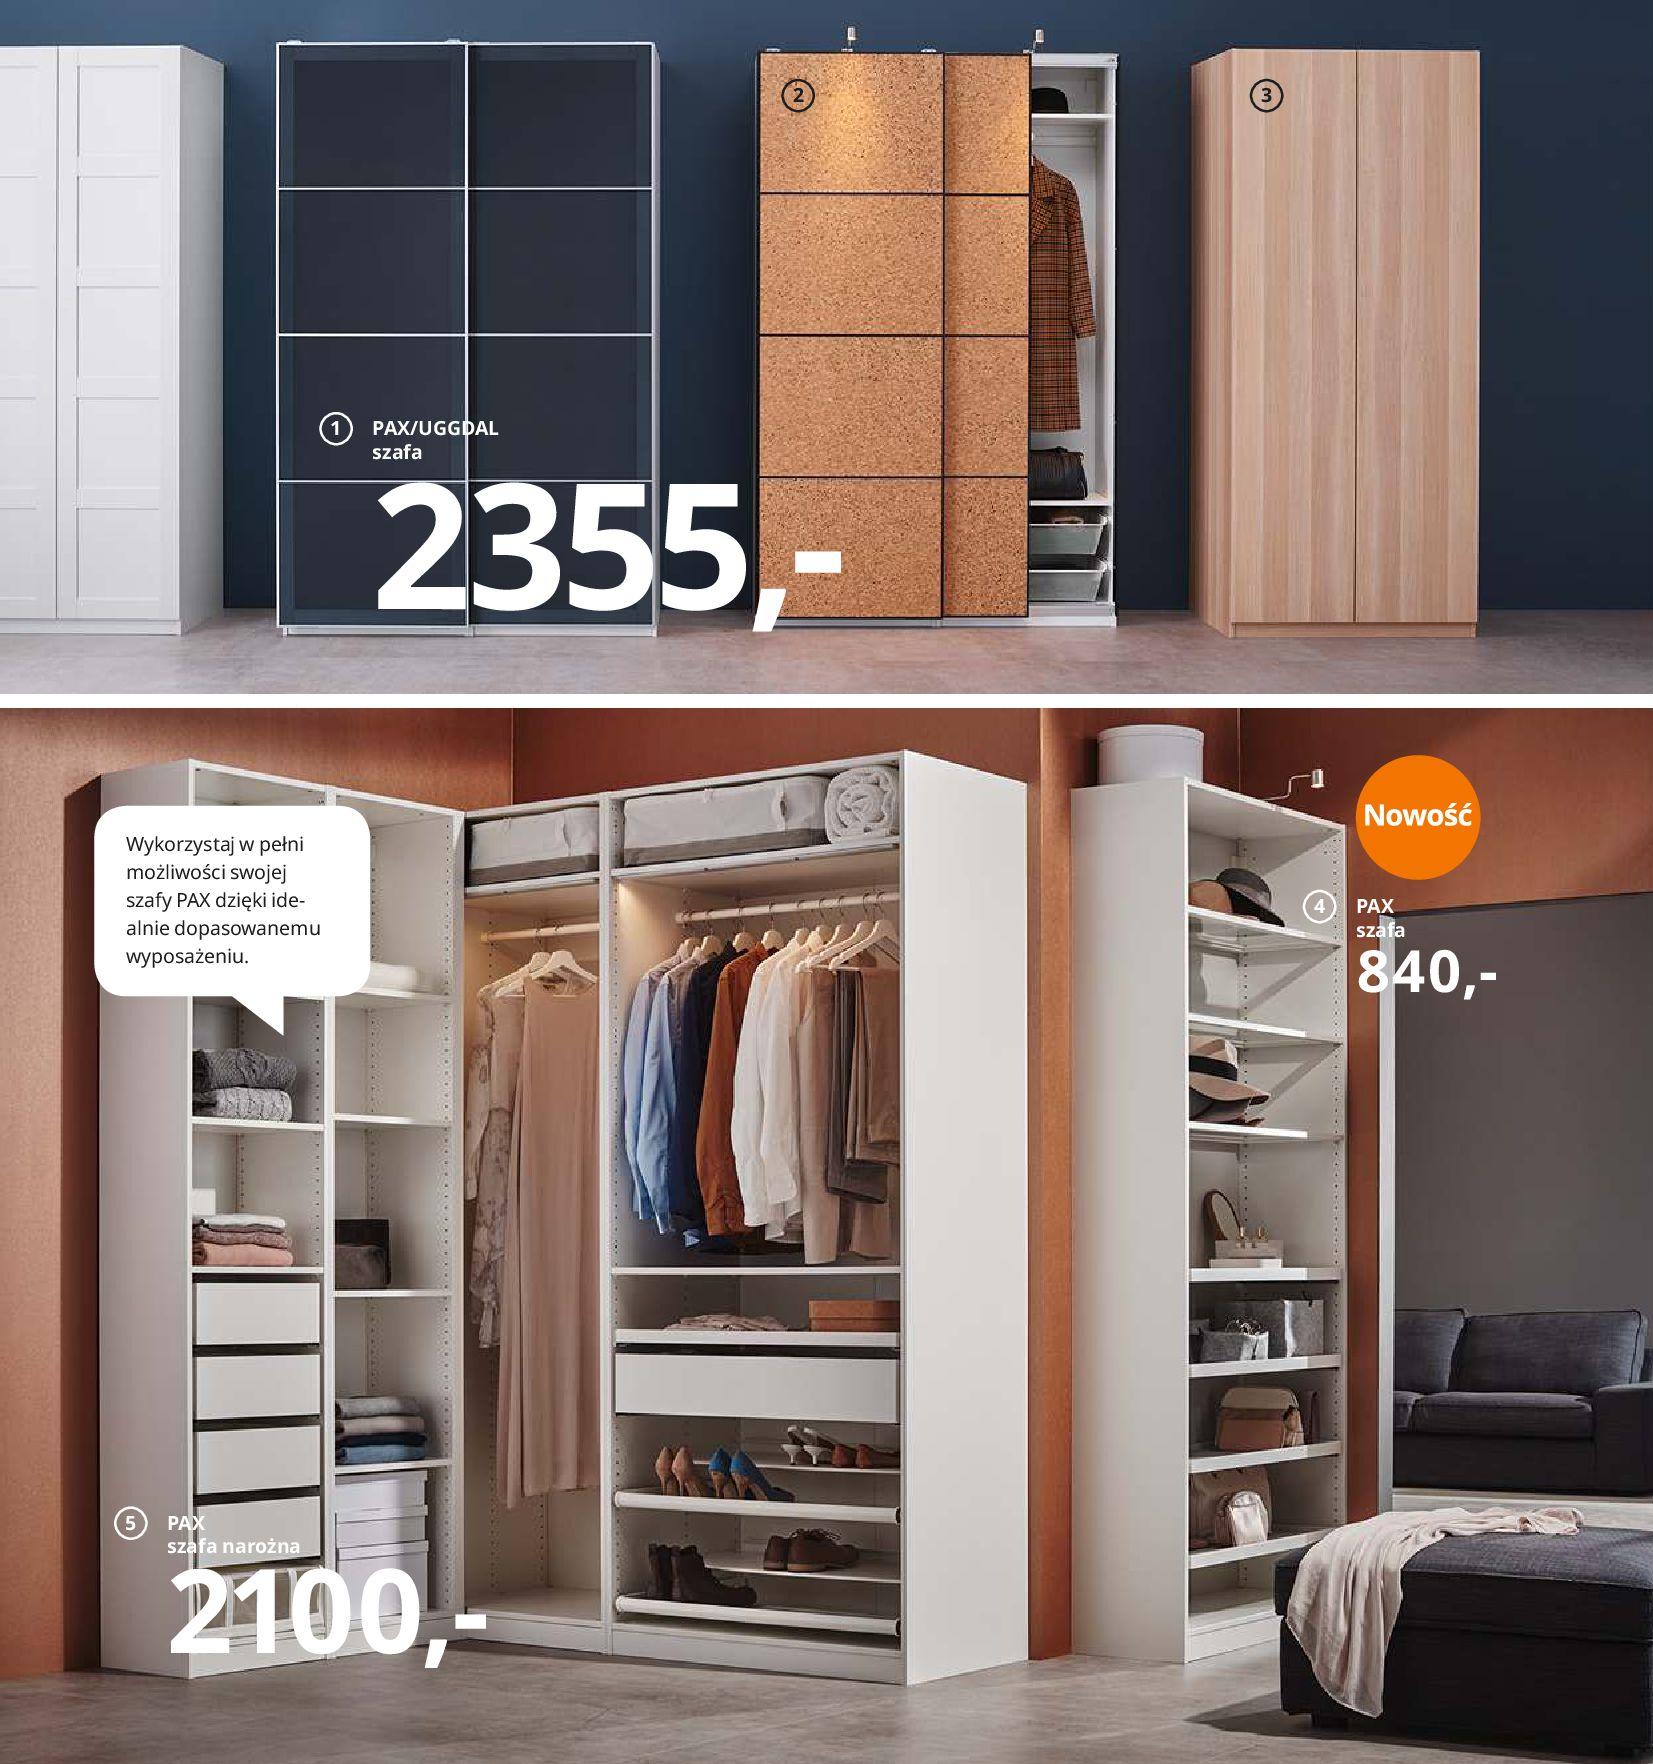 Gazetka IKEA - Katalog IKEA 2020-25.08.2019-31.07.2020-page-134